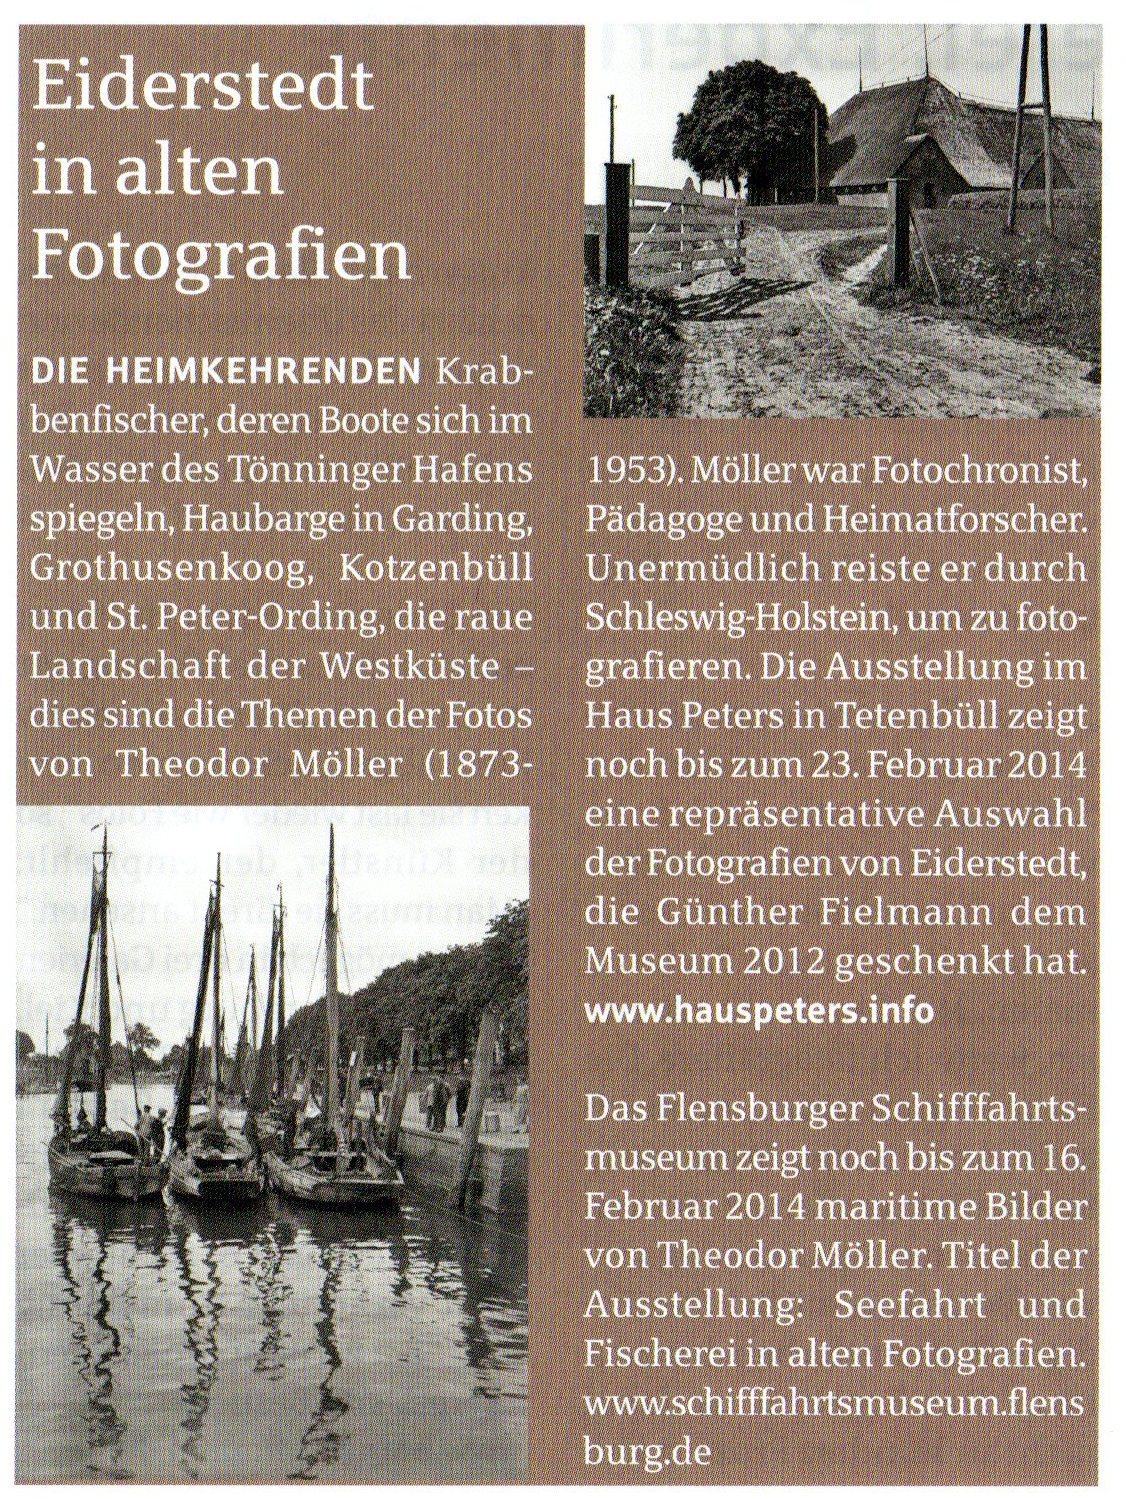 Aktion Sparkasse, Nr. 35/Winter 2013, Theodor Möller